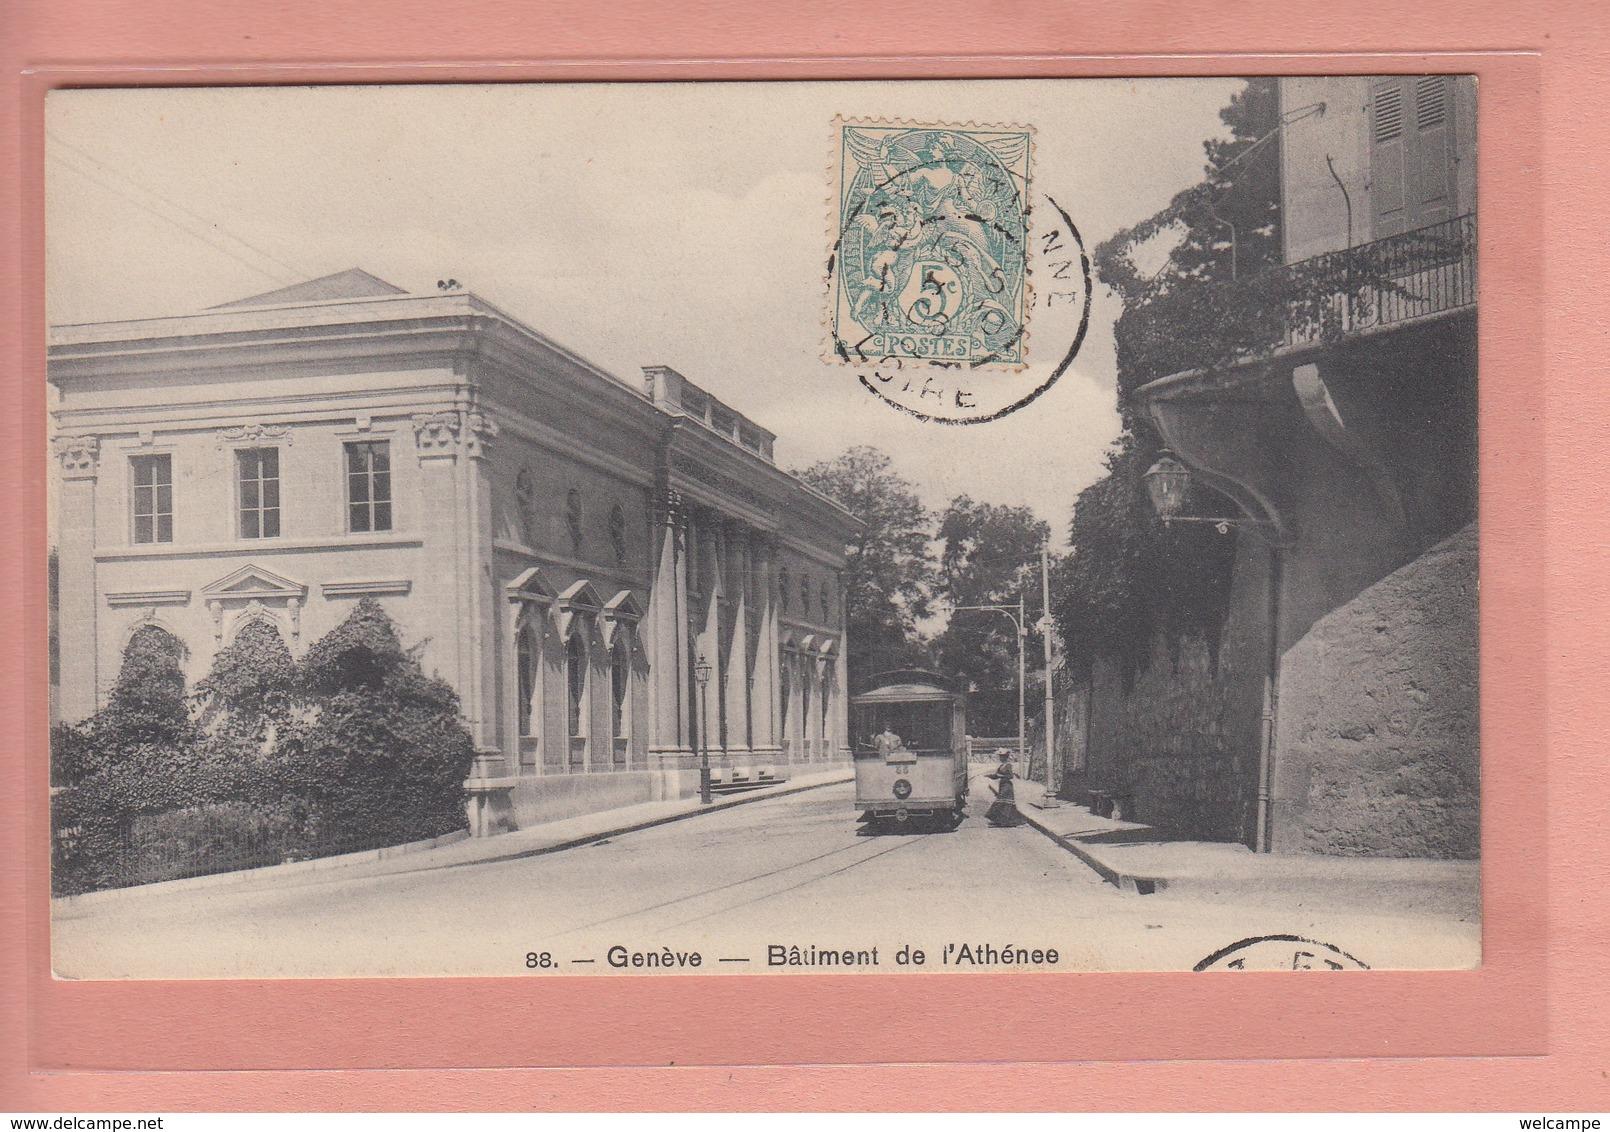 OUDE POSTKAART - ZWITSERLAND - SUISSE - GENEVE - TRAM - BATIMENT DE L'ATHENEE - GE Genève